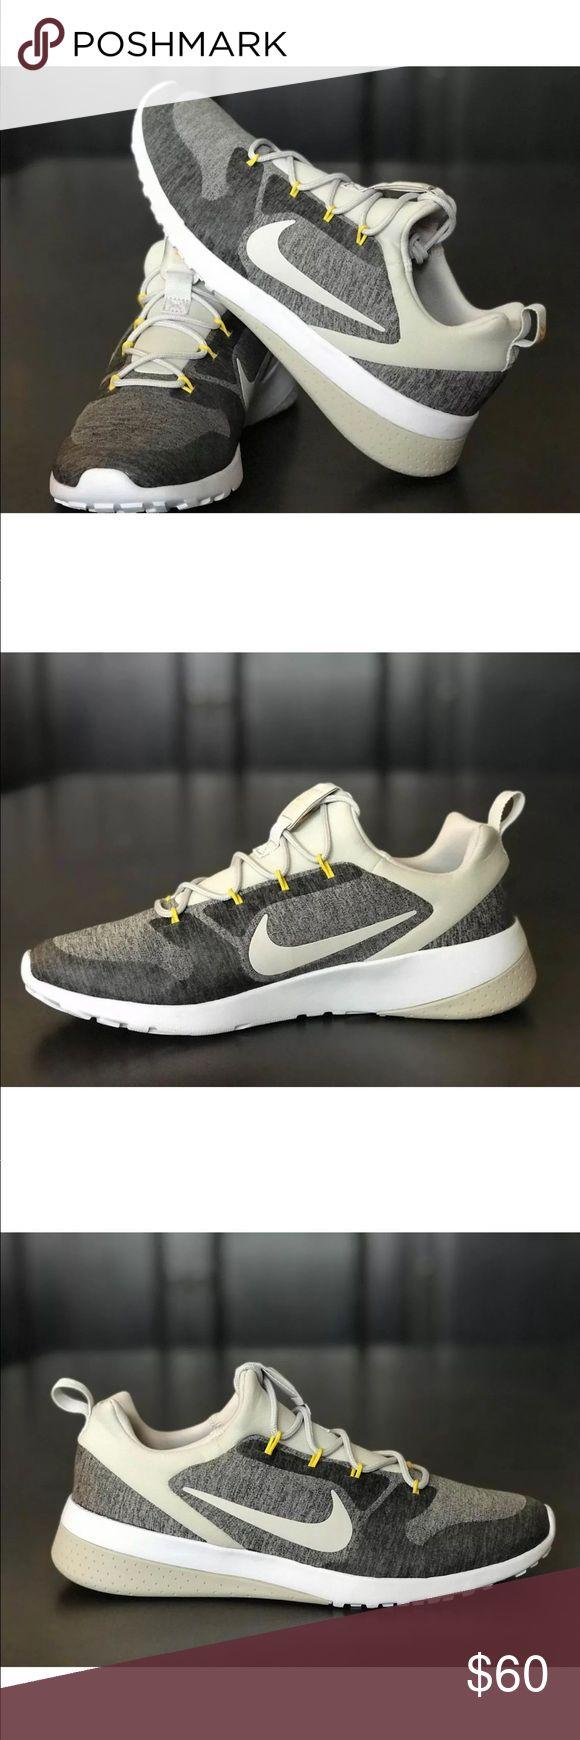 Nike Women's CK Racer Shoes Nike CK RACER Running Shoe